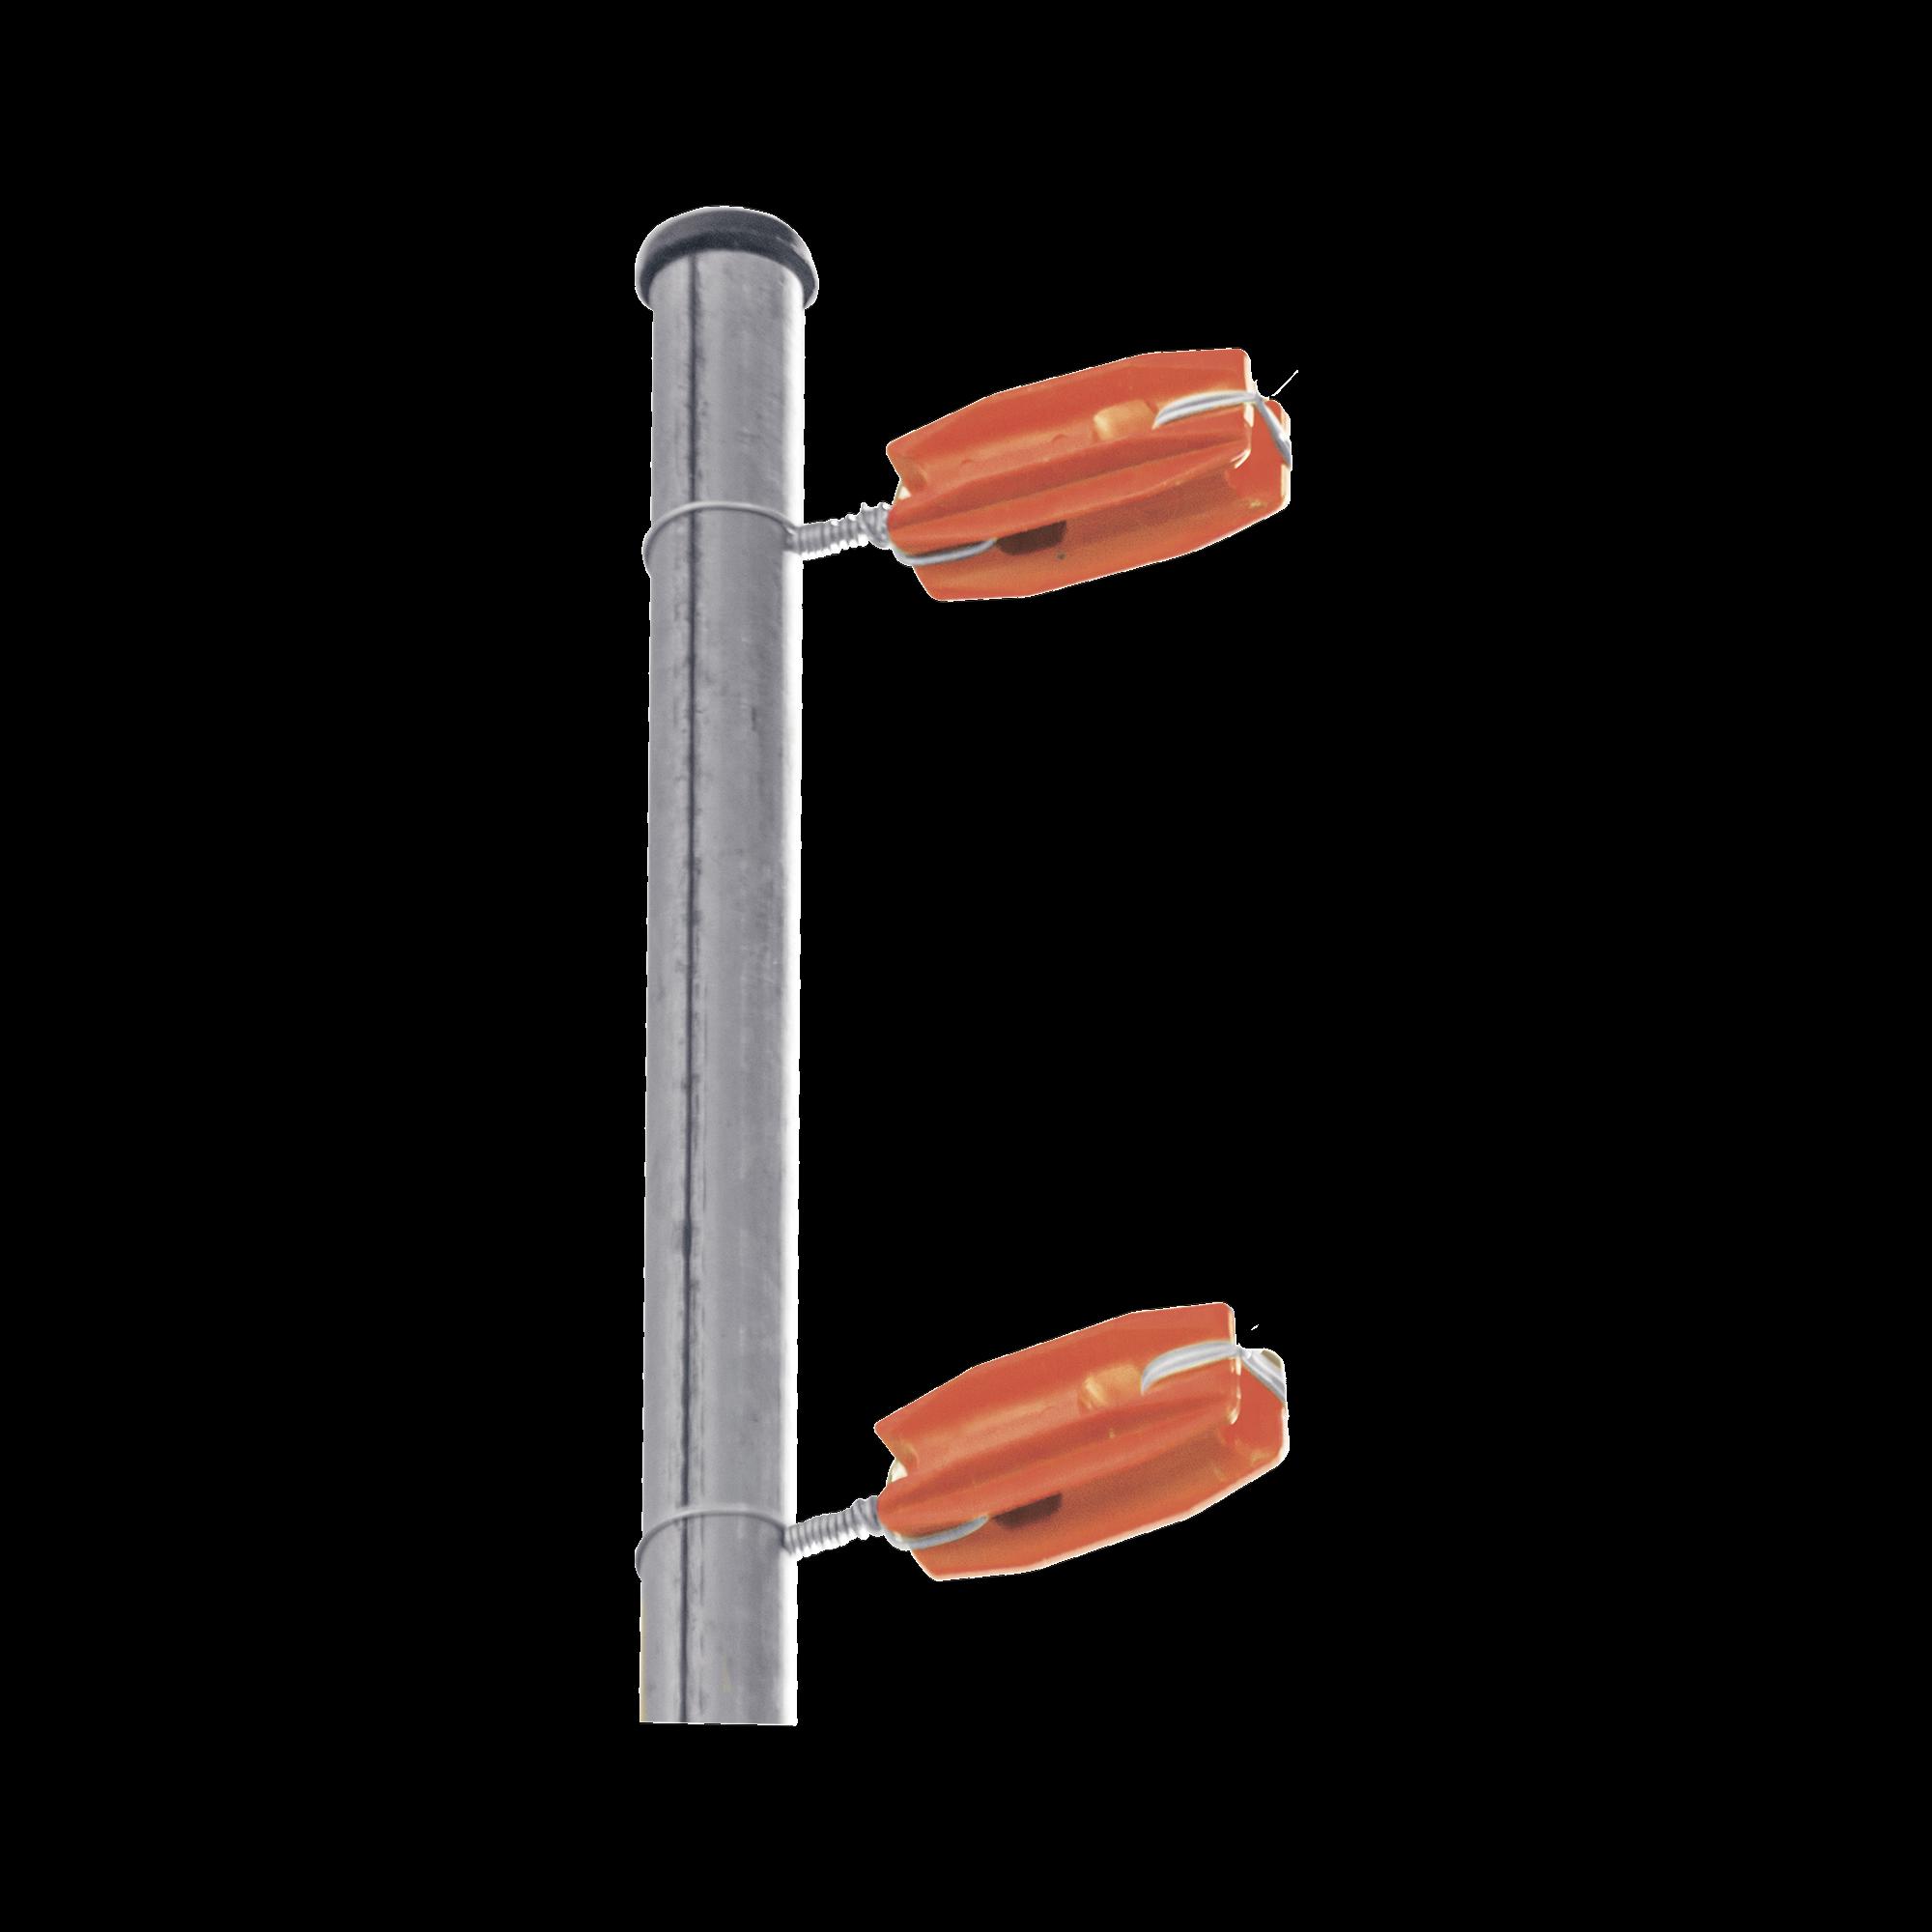 Aislador de color Naranja para postes de esquina de alta Resistencia con Anti UV de uso en cercos eléctricos